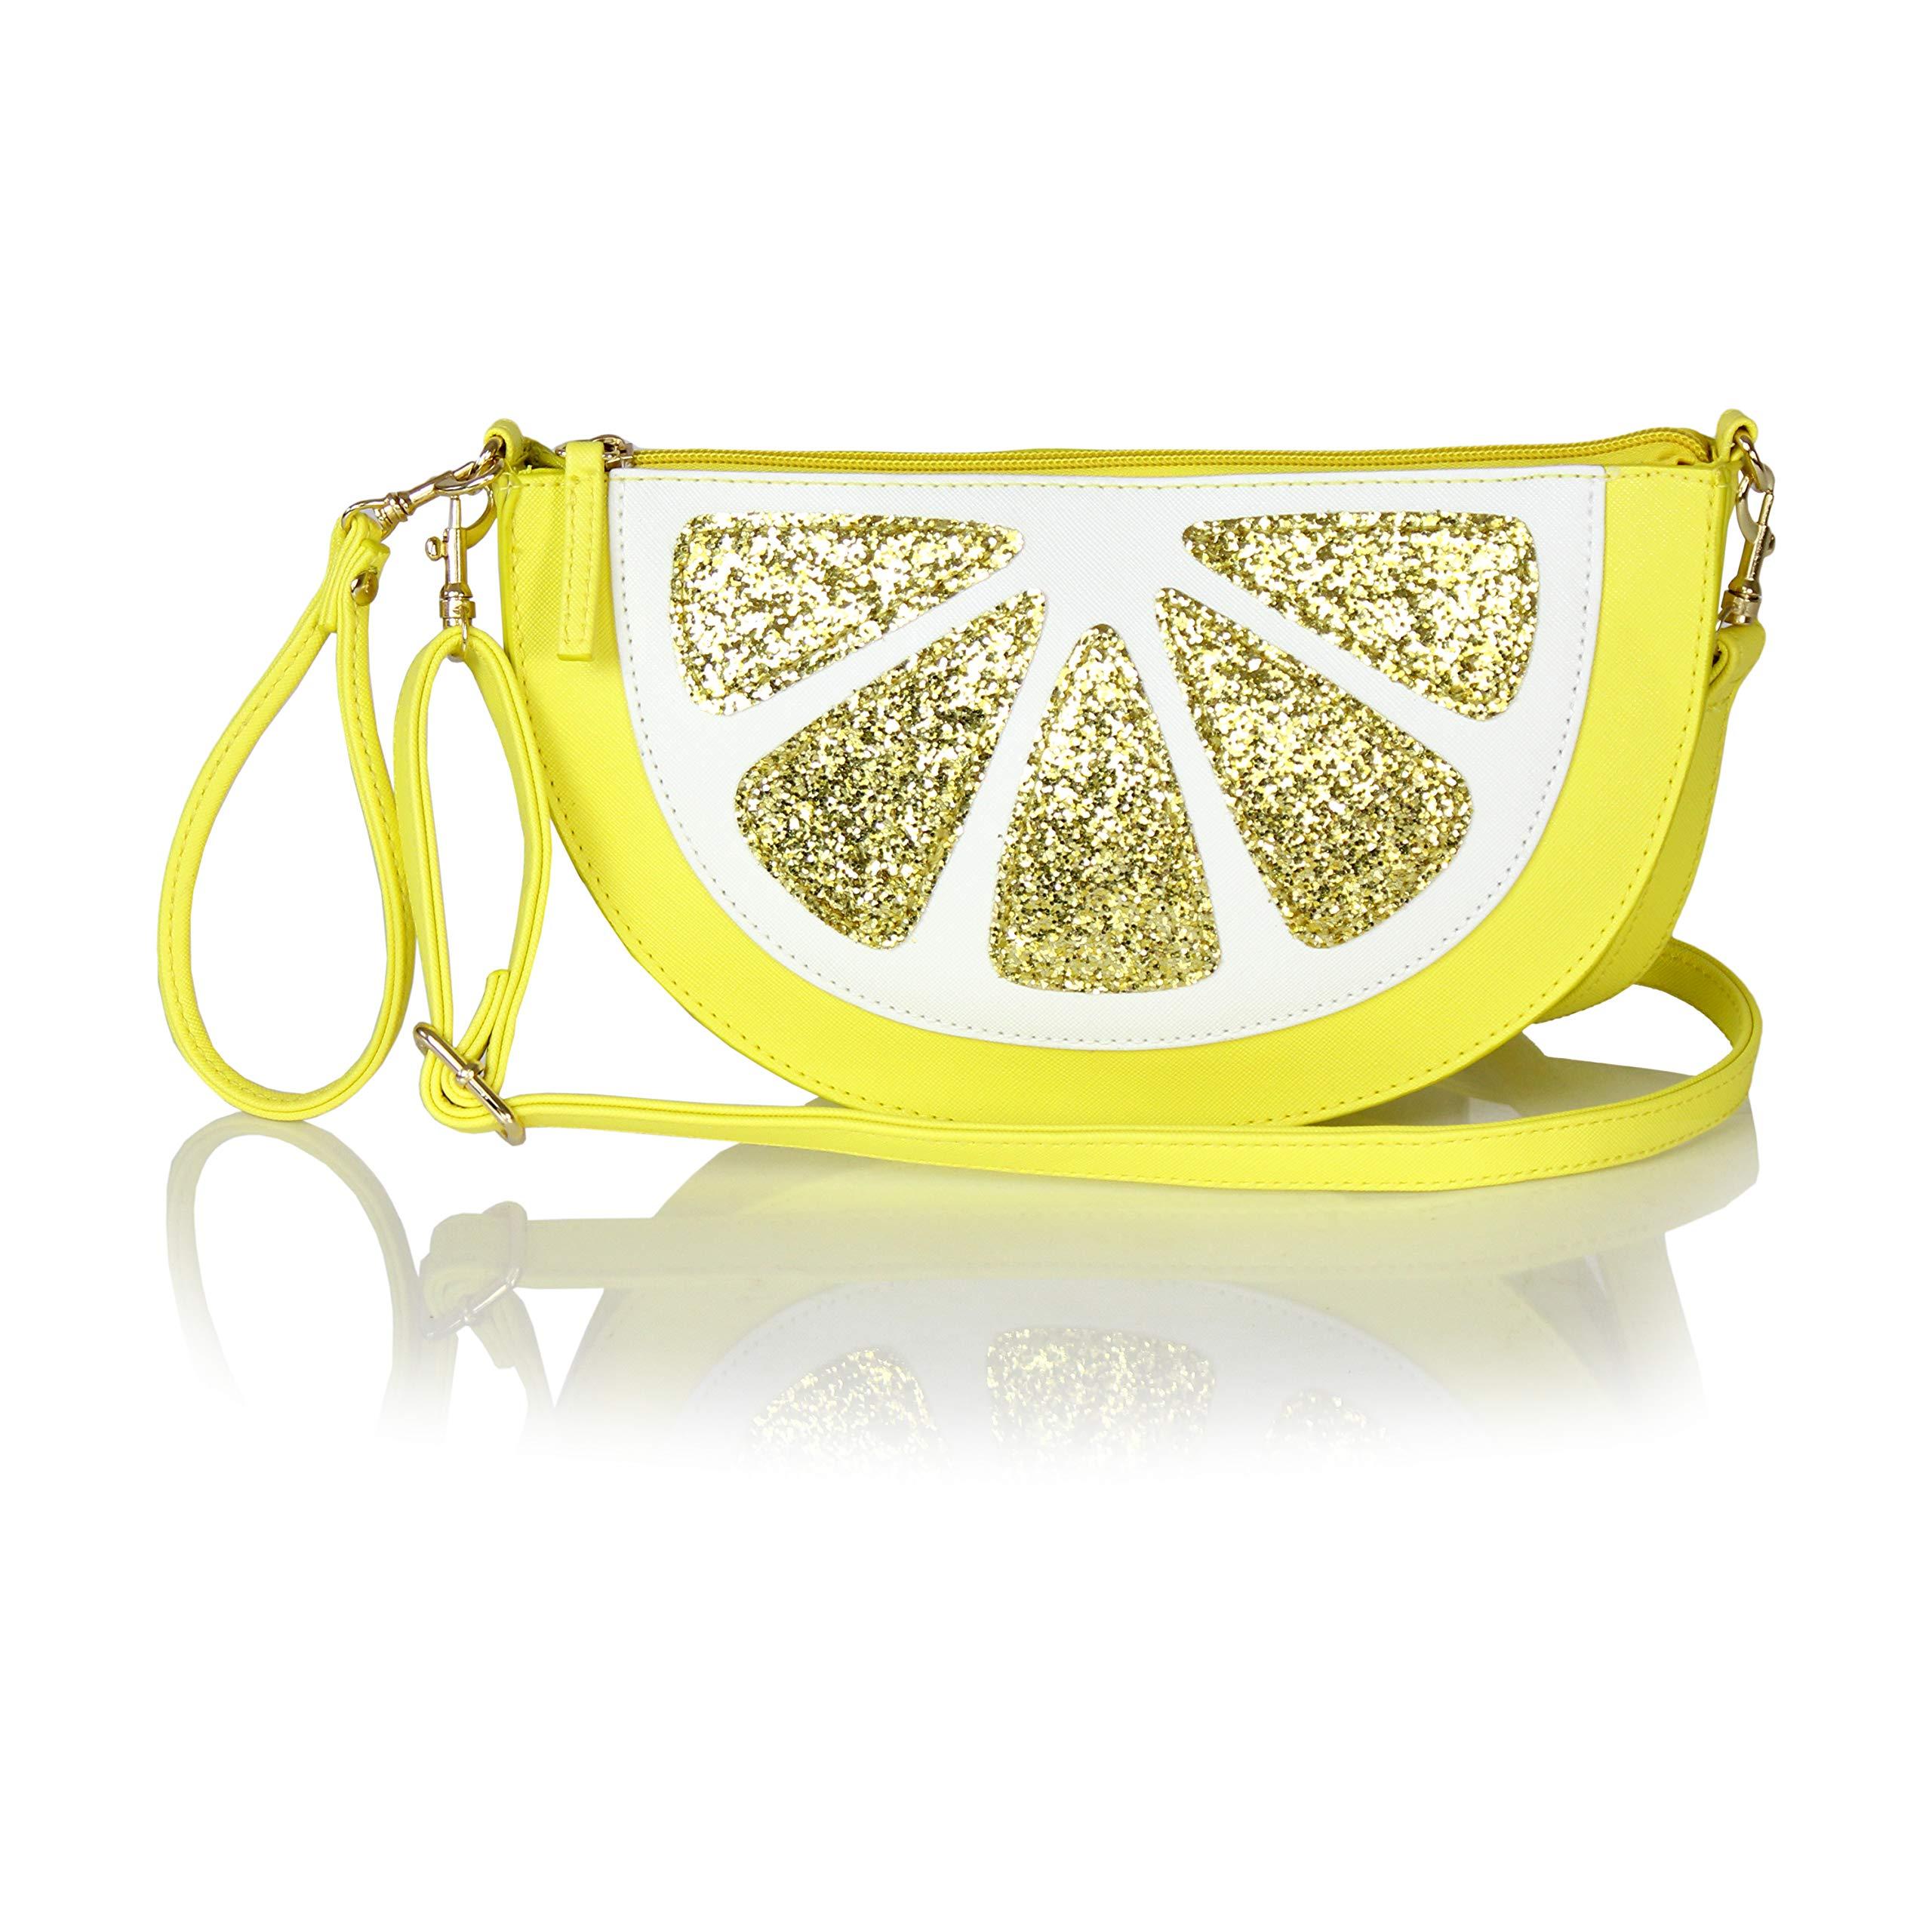 Cute Fruit Summer Shoulder Bag- Lemon Messenger Sling Crossbody Purse or Clutch (Lemon)